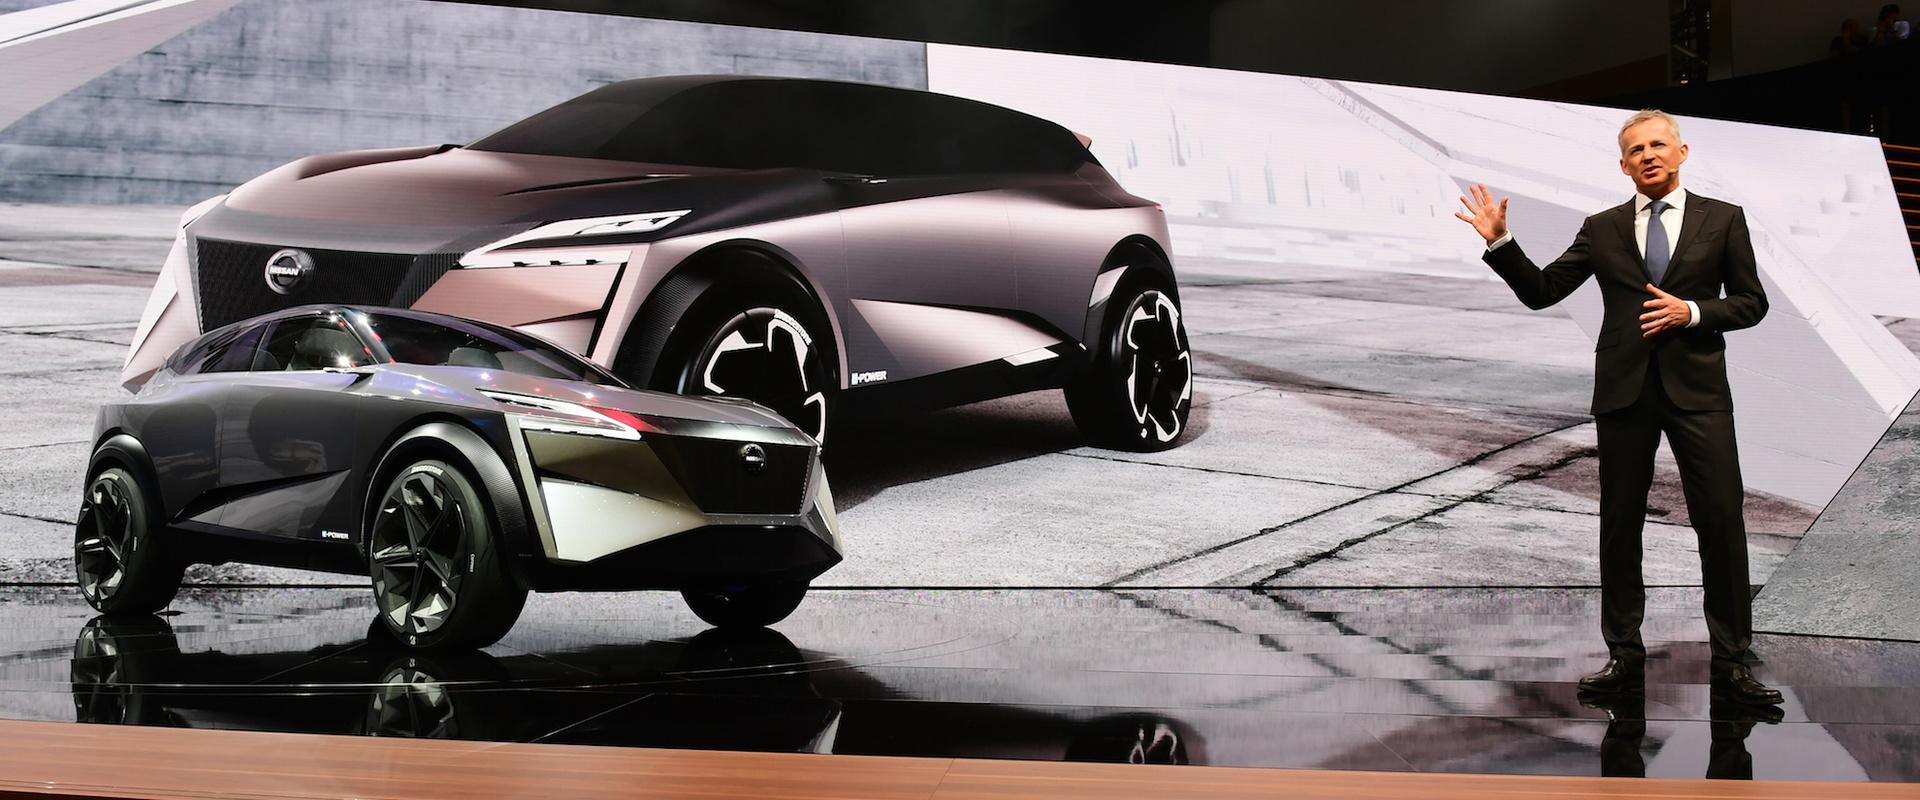 Будущее — в дороге: 10 впечатляющих концепт-каров Женевского автосалона